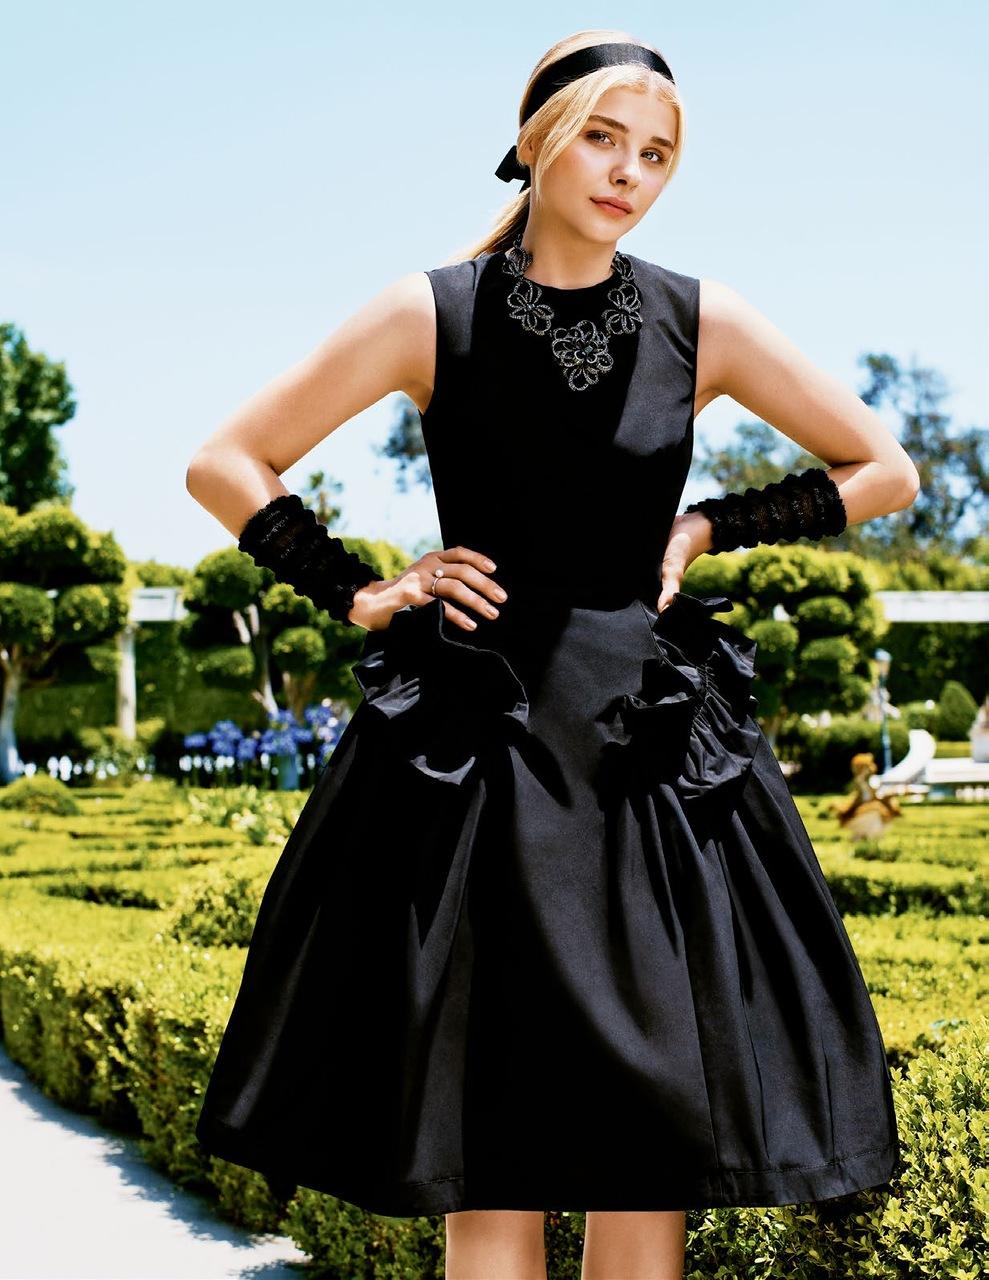 Фотосессия Chloe Moretz (Teen Vogue, октябрь 2014)